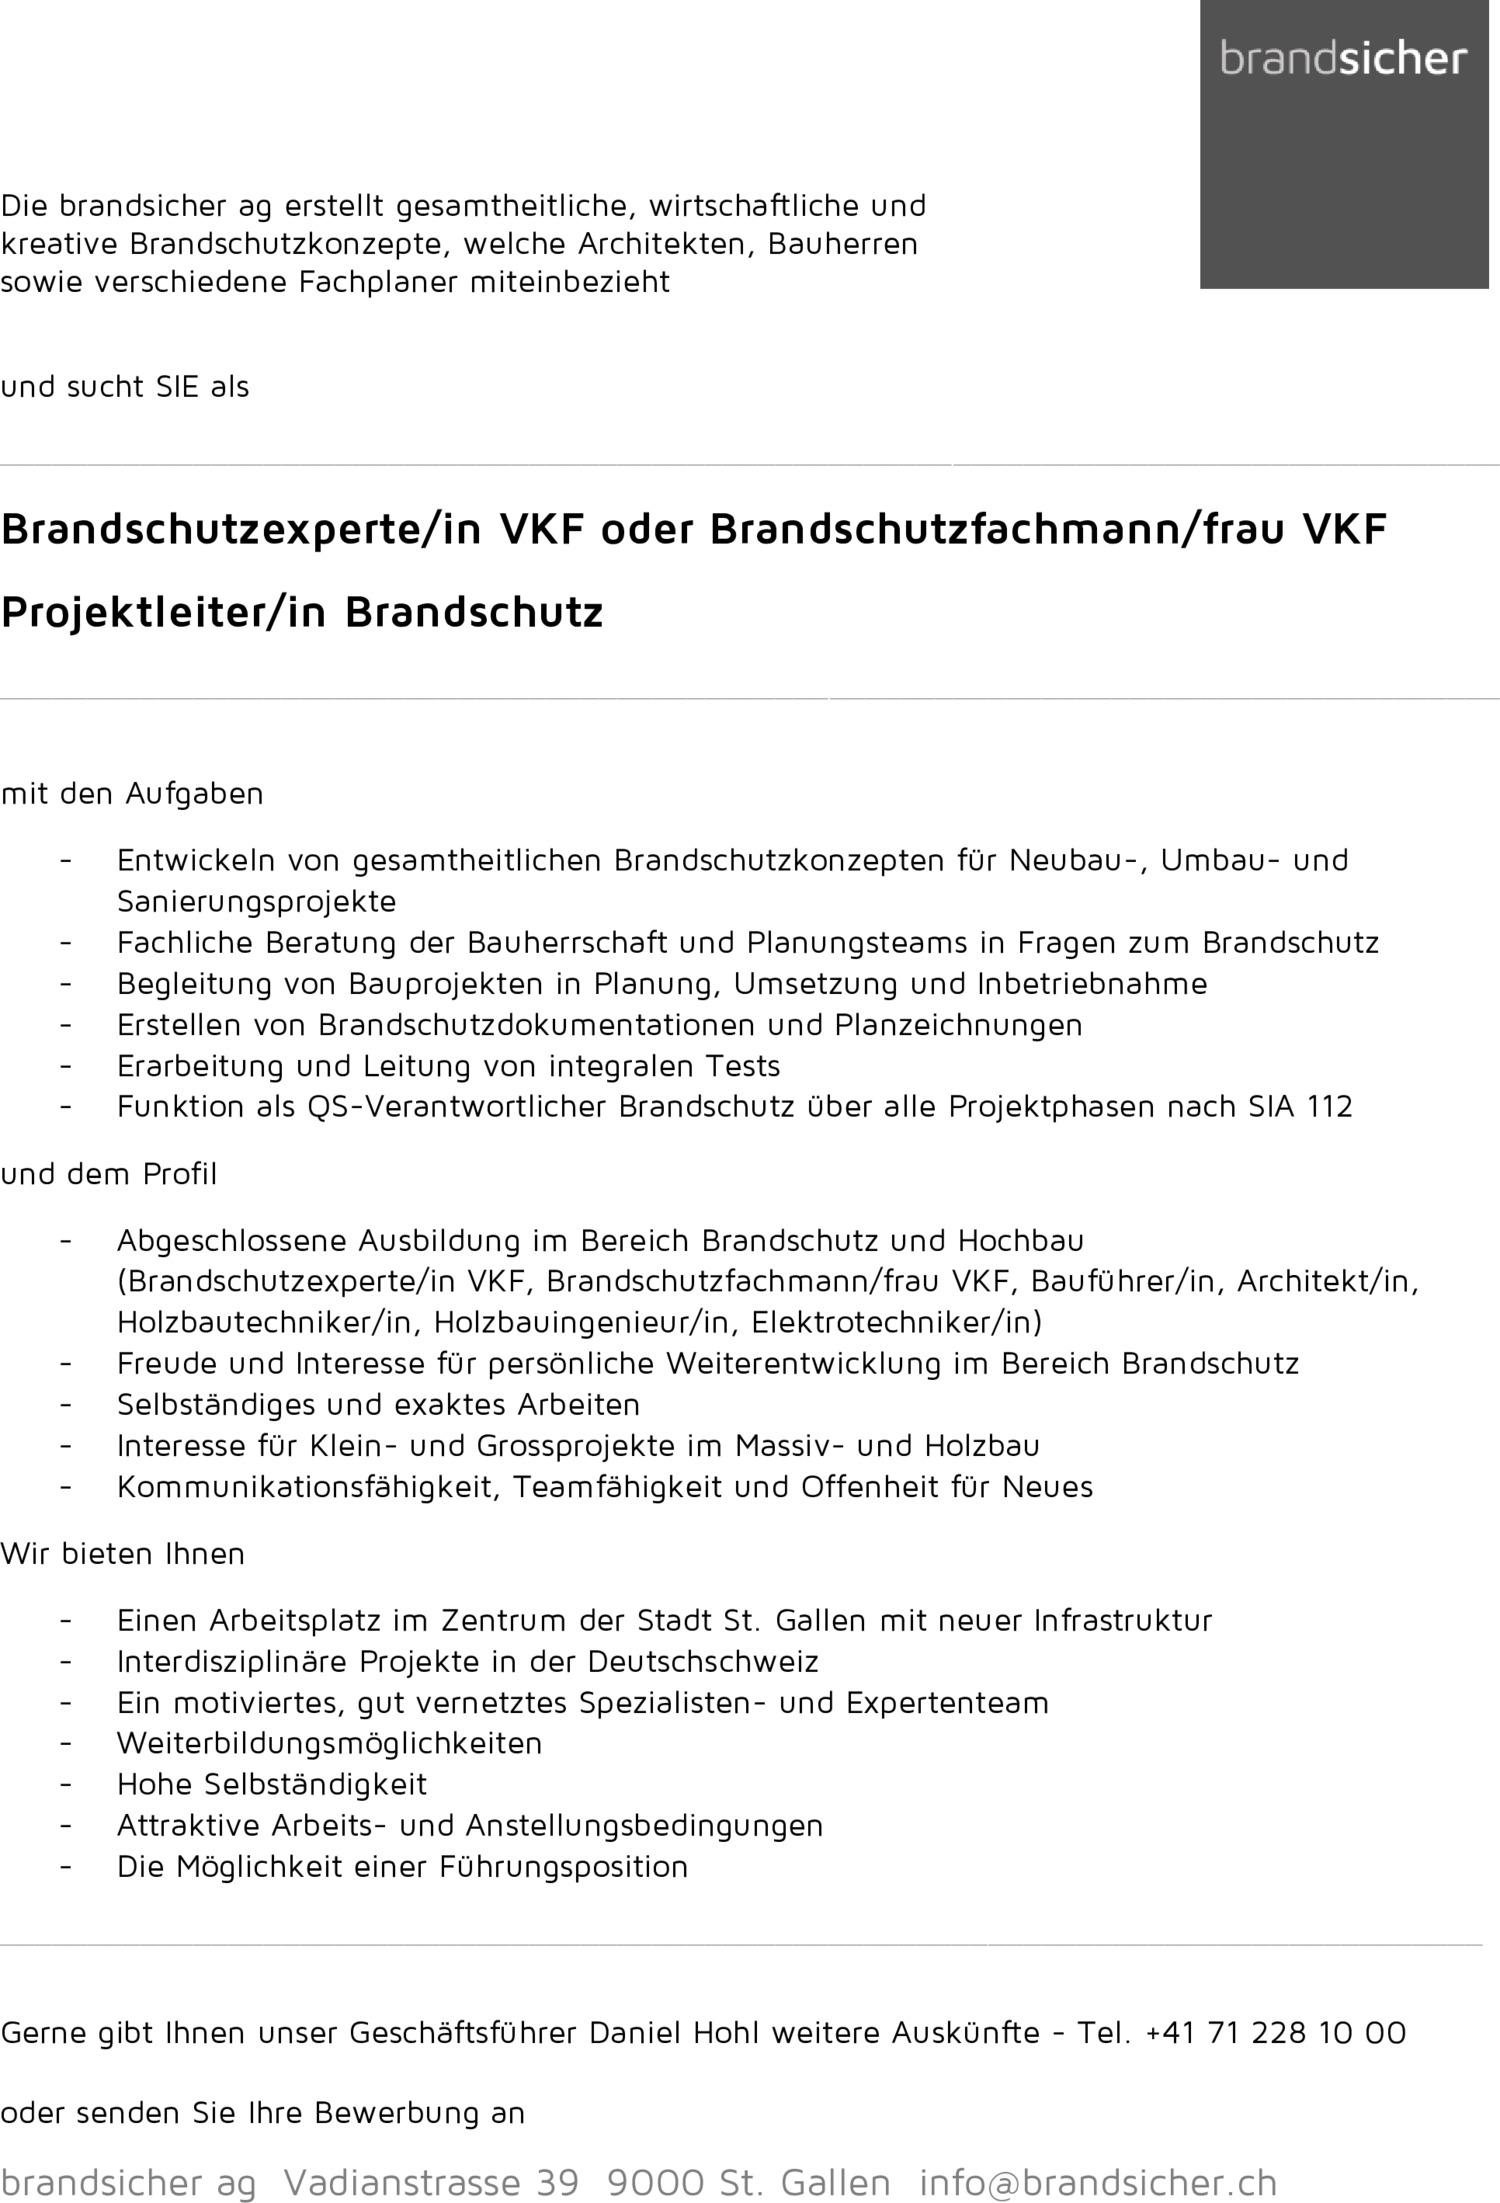 Inserat BrandschutzexperteIn VKF, Brandschutzfachmann Frau VKF, ProjektleiterIn Brandschutz